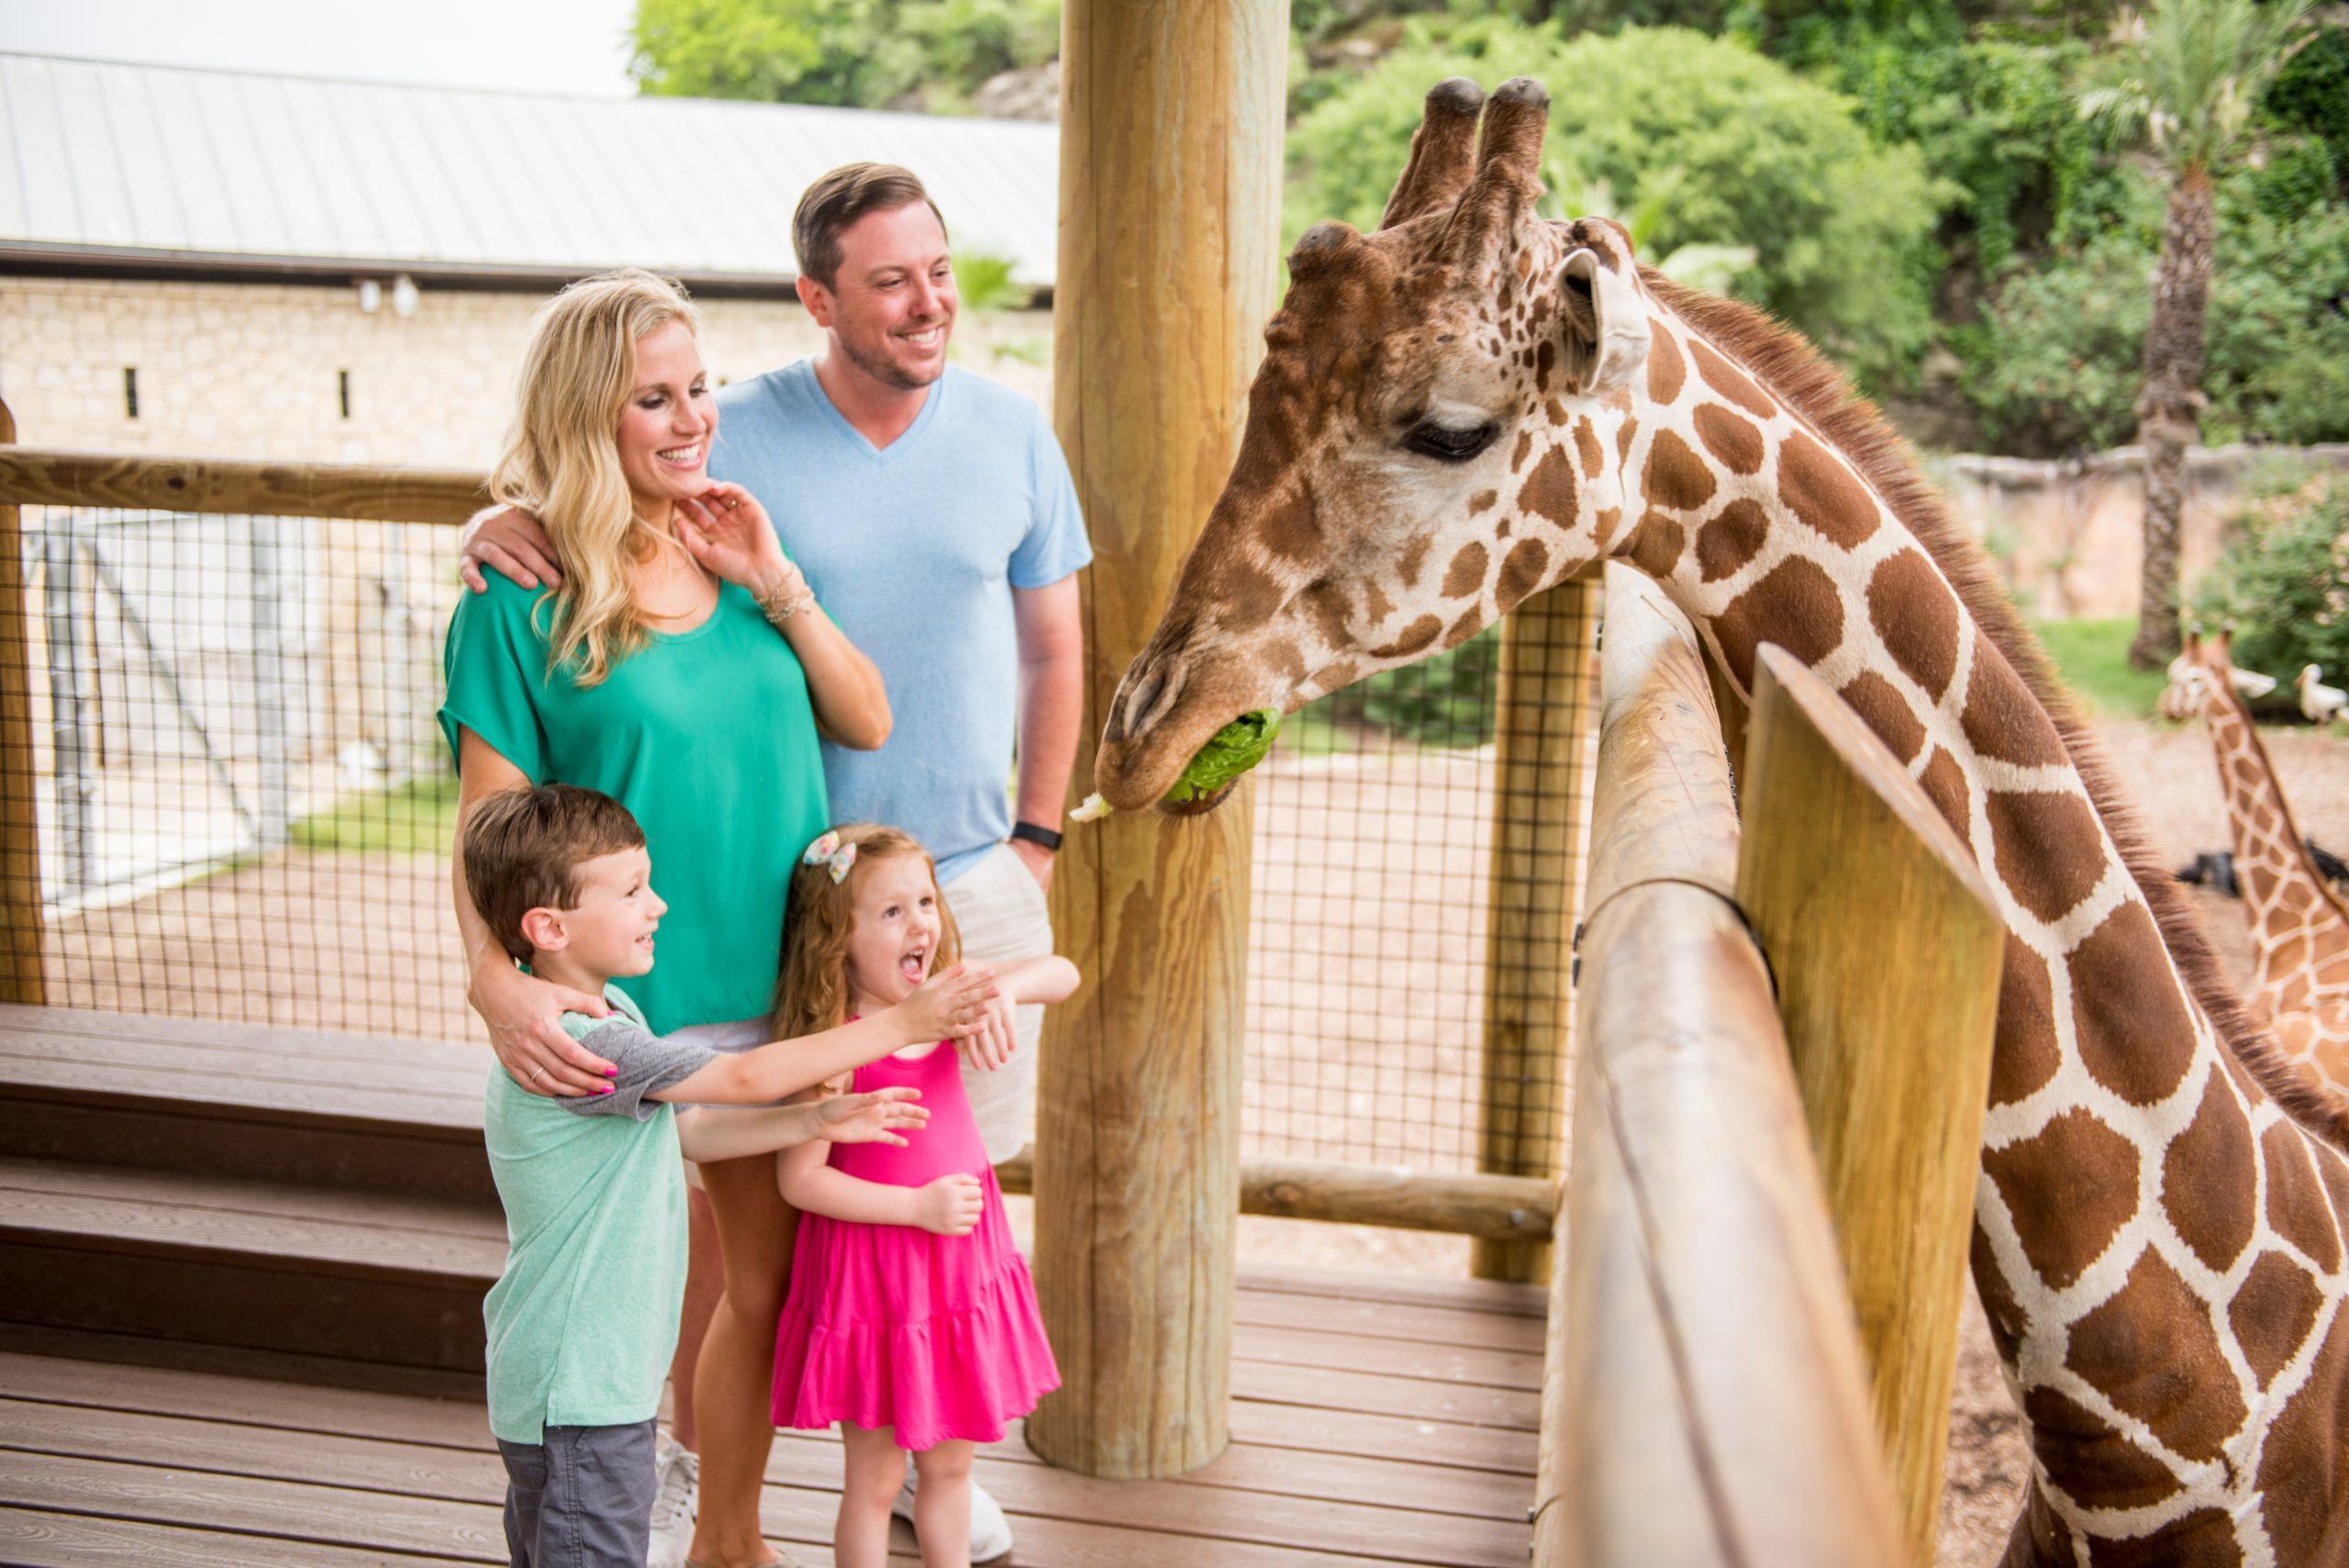 San Antonio Zoo Giraffe Feeding courtesy of visitsanantonio.com